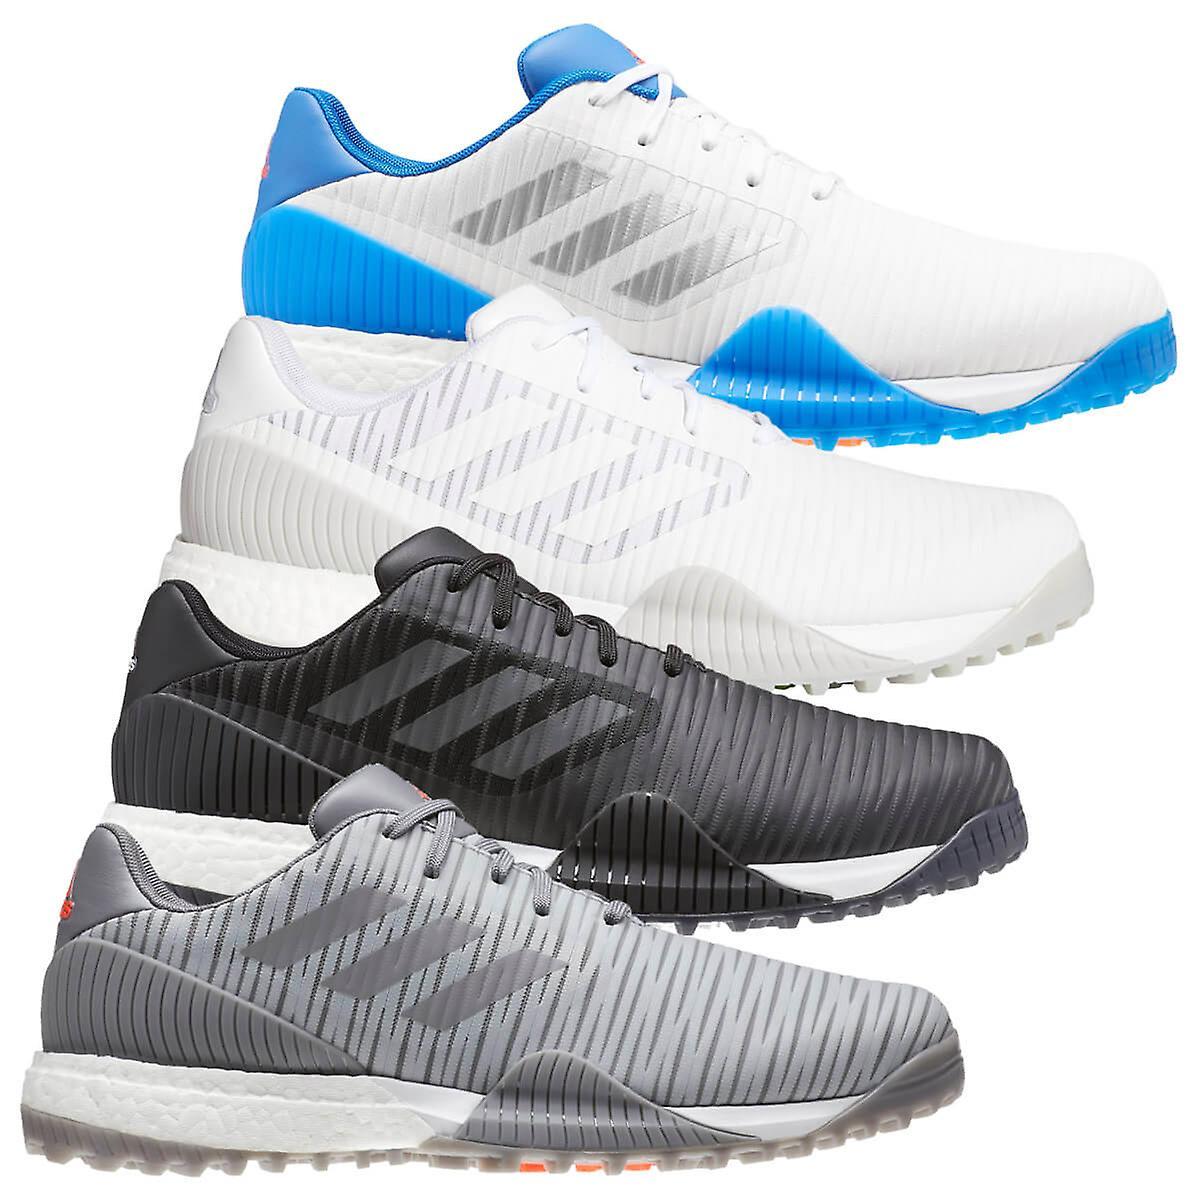 adidas Golf Hommes 2020 Code Chaos Sport imperméable à l'eau Chaussures de golf légères Blanc/argenté/bleu UK 10